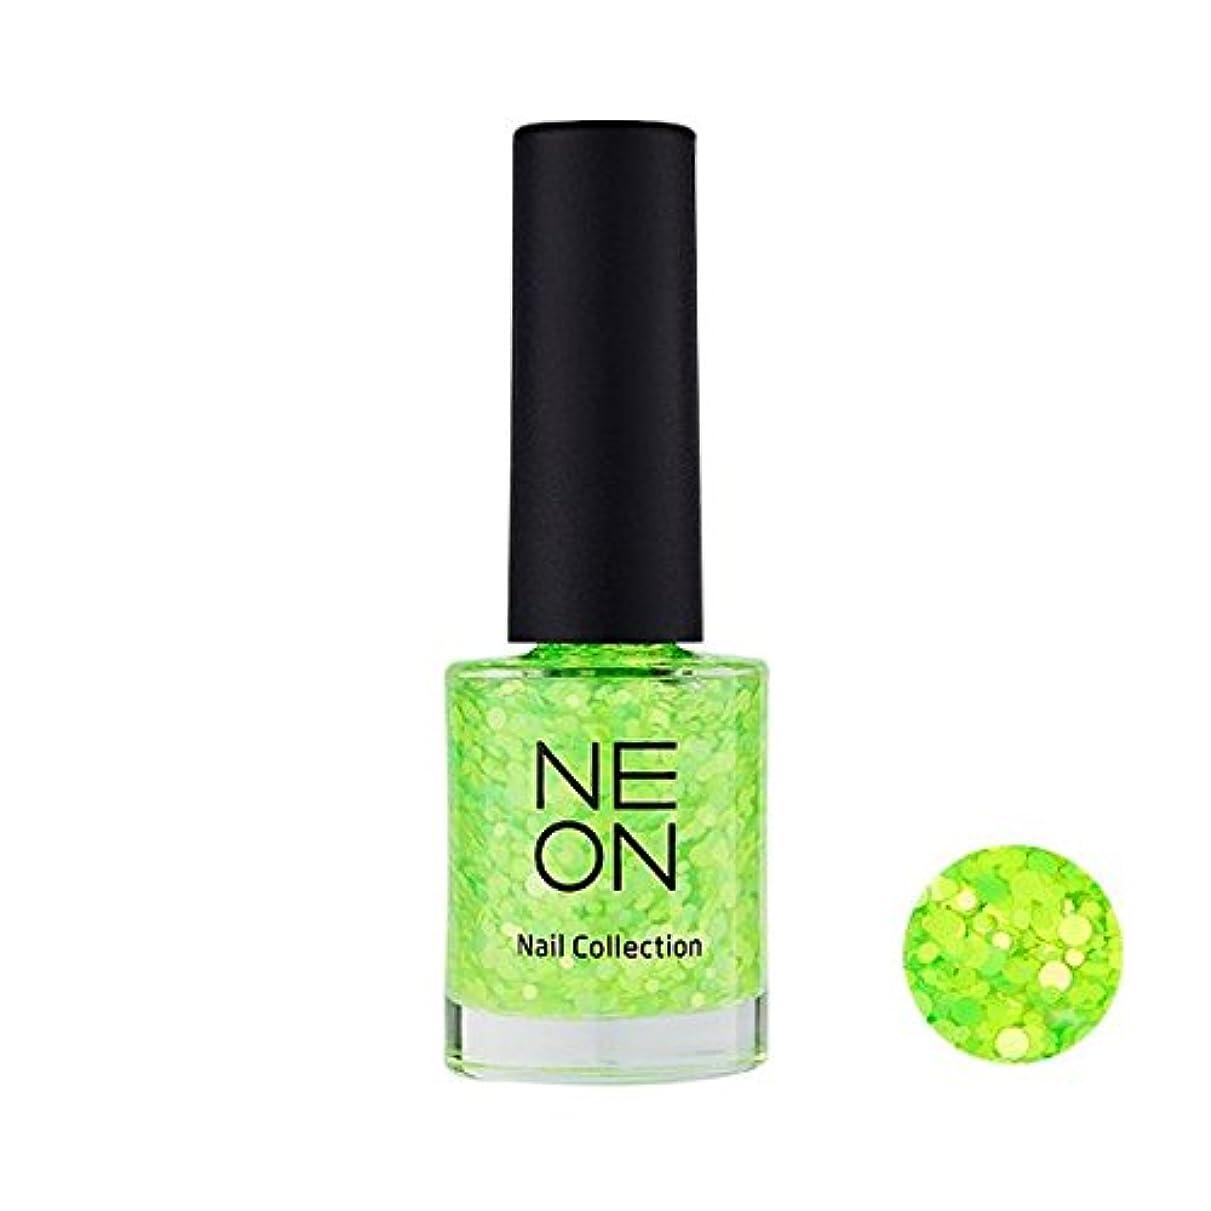 ディーラーあいまいな満足できるIt'S SKIN Neon nail collection [04 Neon Glitter green] イッツスキン ネオンネイルコレクション [04 ネオン グリッター グリーン] [並行輸入品]